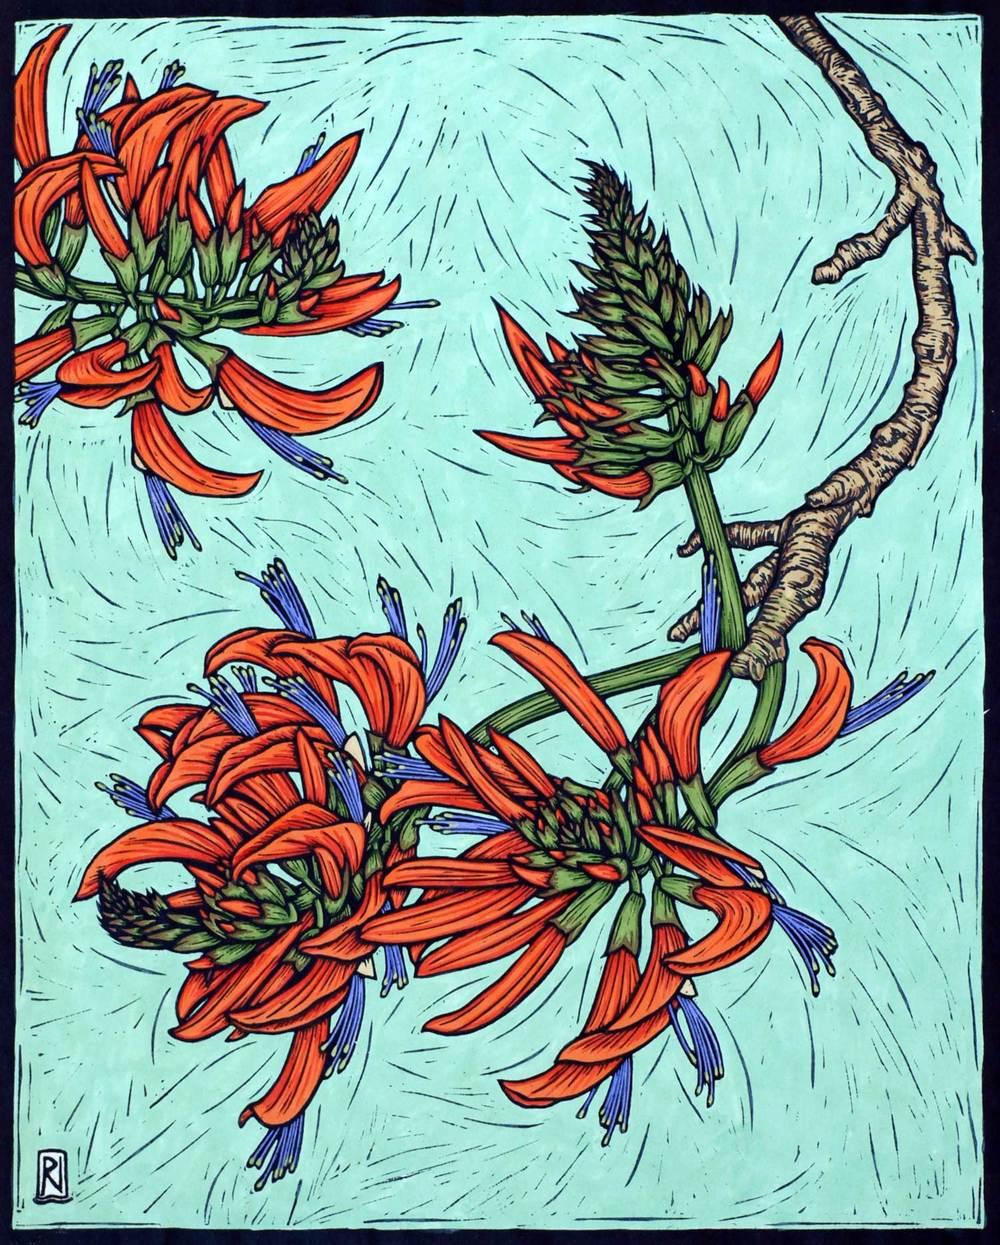 coral-tree-linocut-rachel-newling.jpg